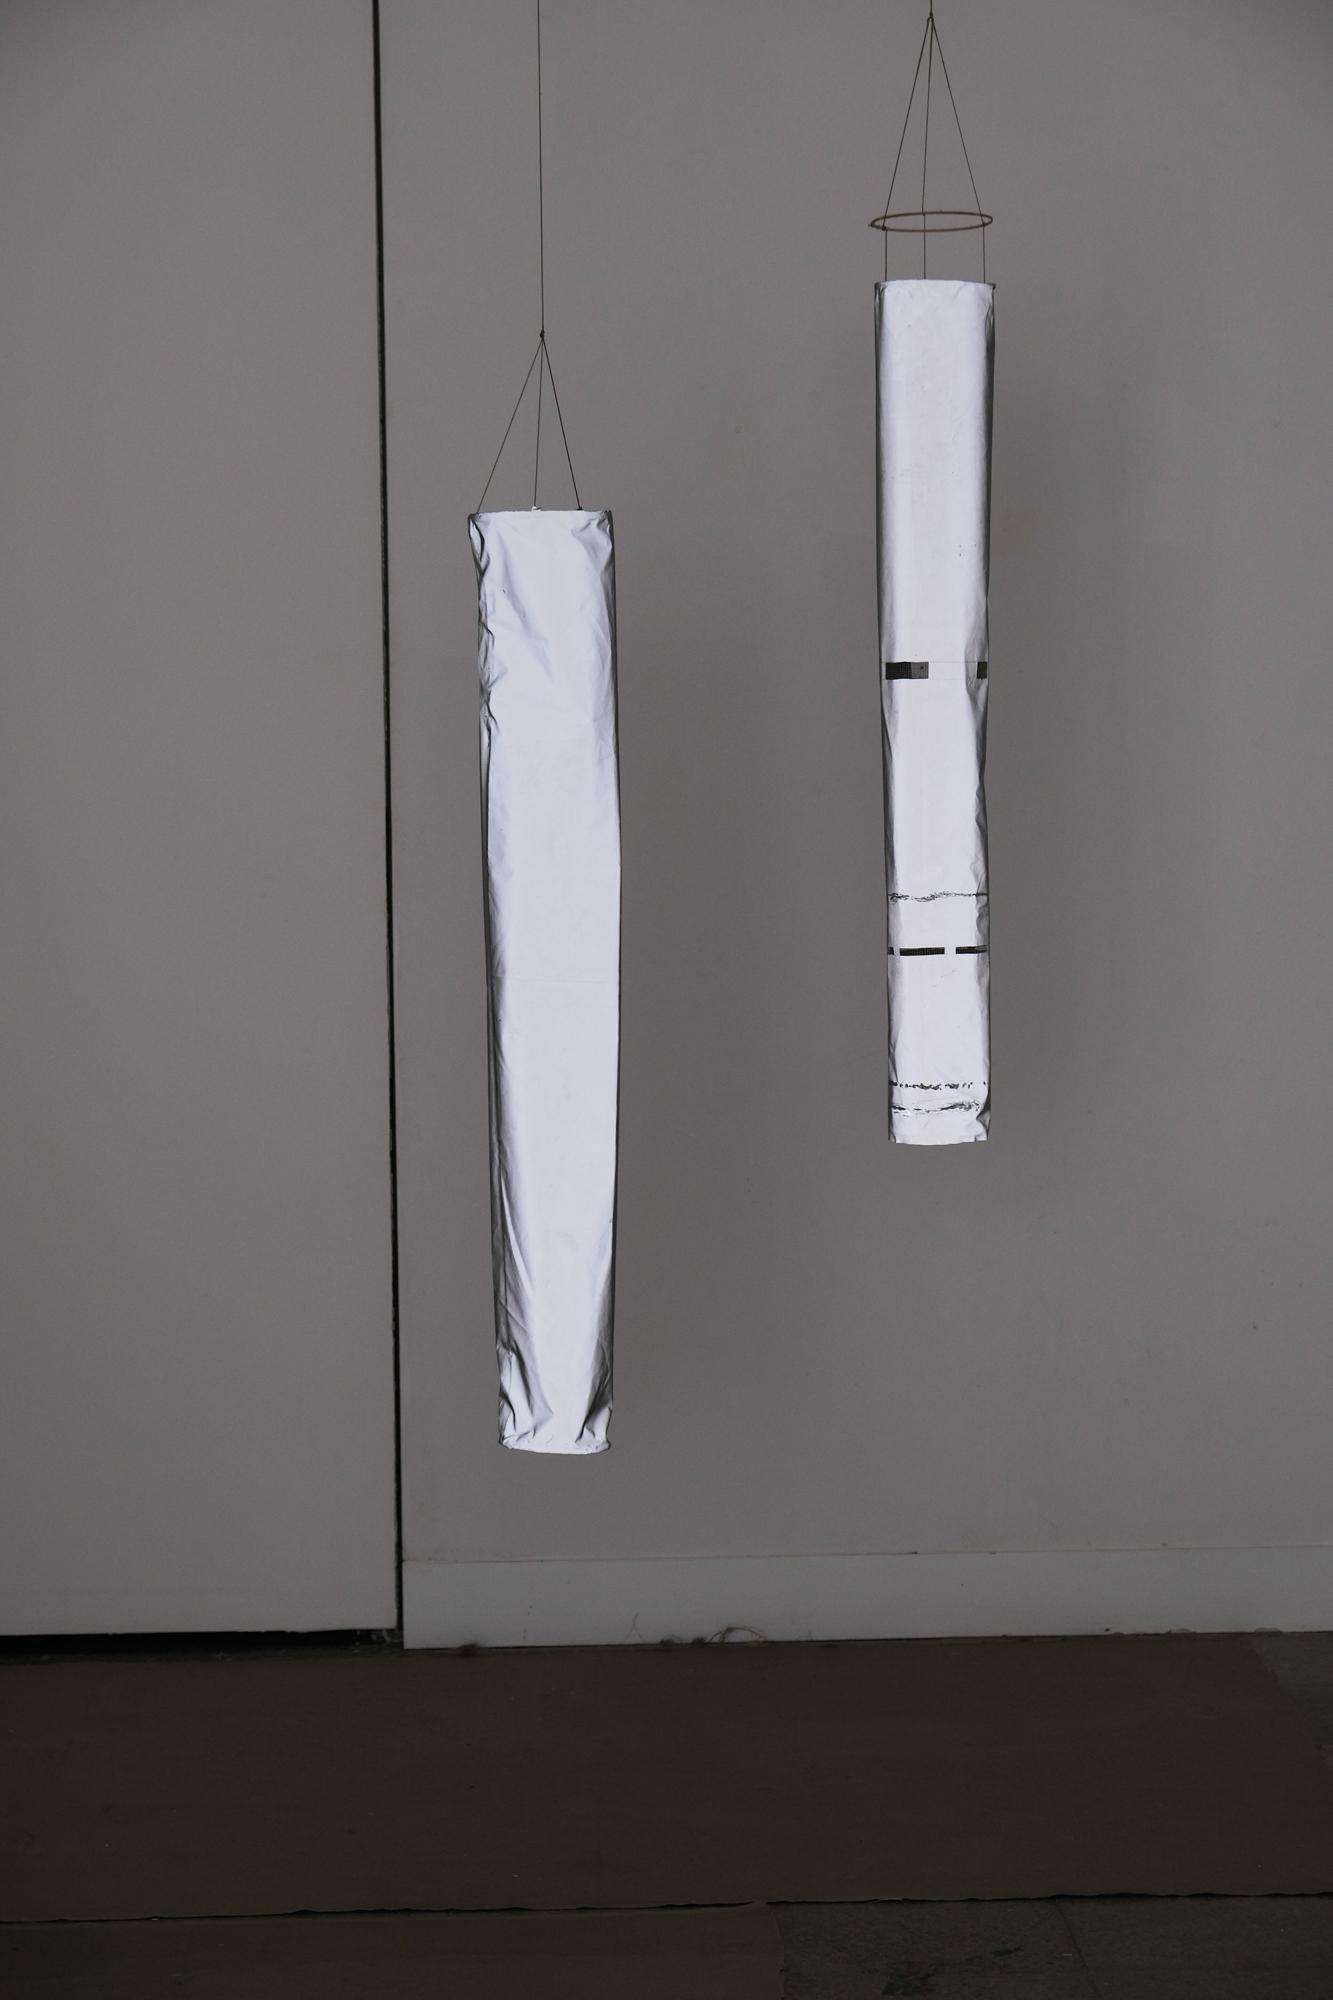 manga de viento I y II, nylon reflectante, cuerda de parapente, fibra de vidrio y madera 2019